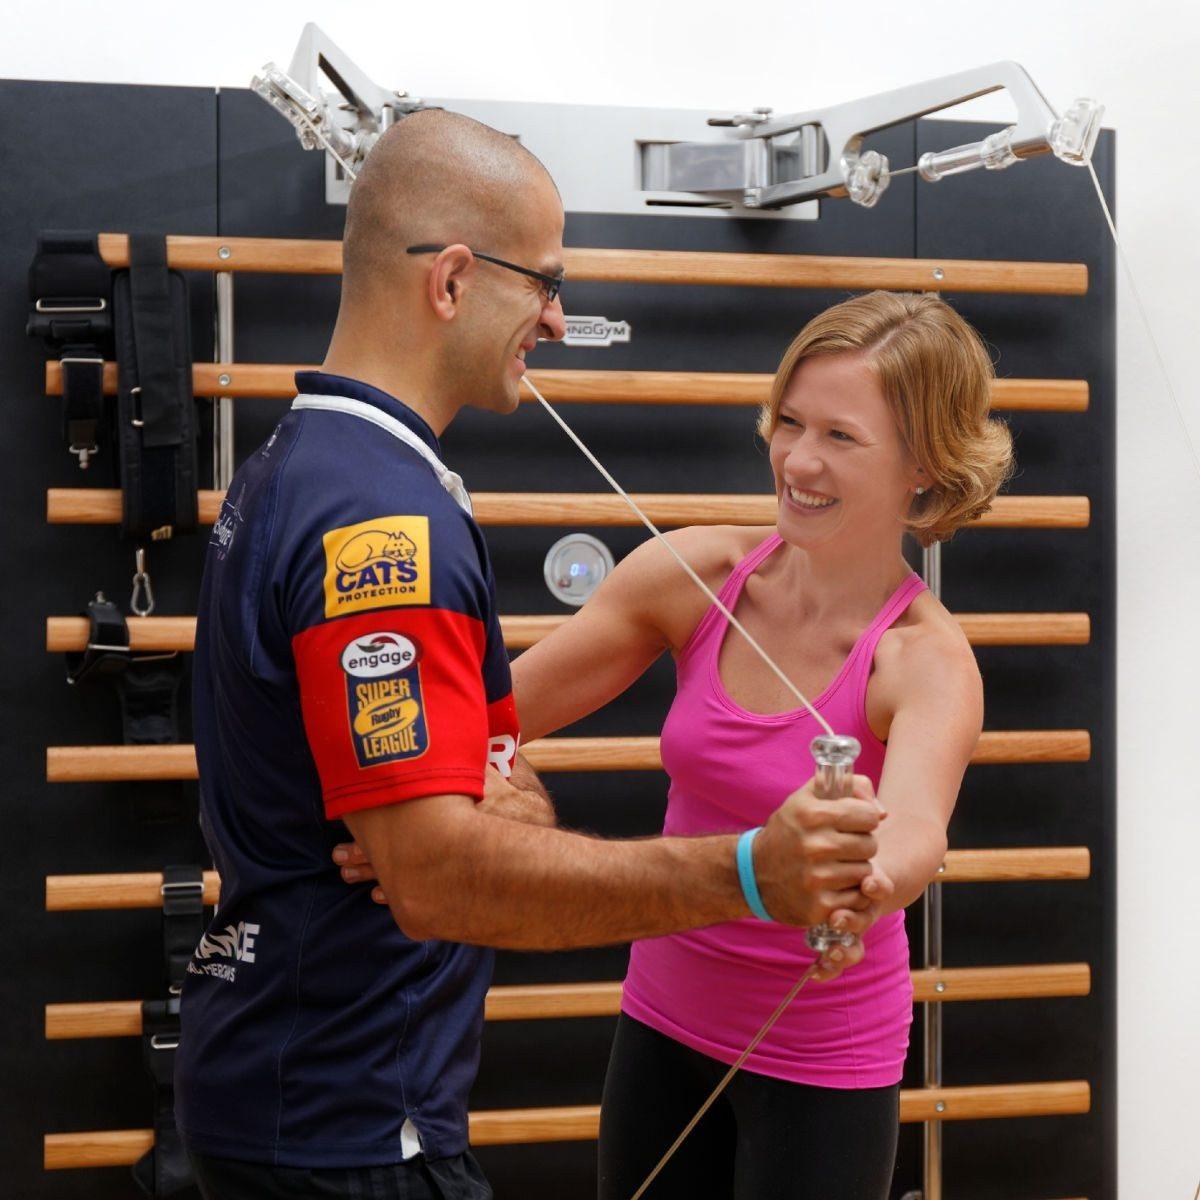 Zirkeltraining für 4-5 mit Personal Training – Wiesbaden